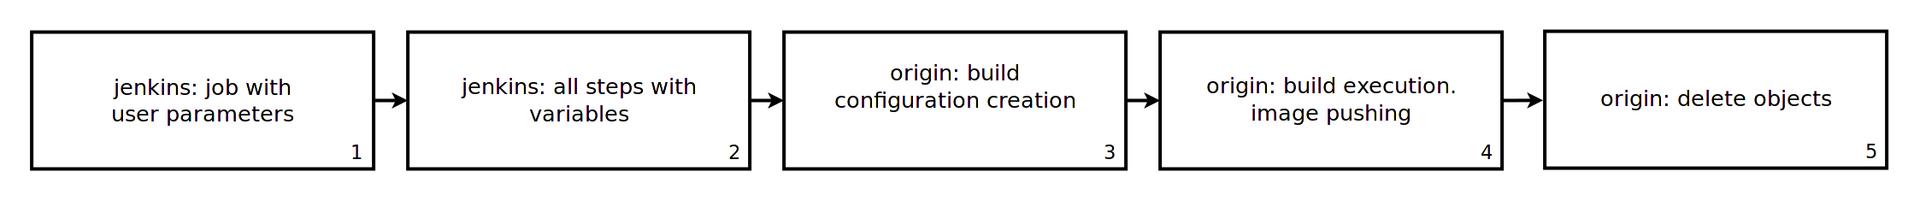 Тестирование в Openshift: Автоматизированное тестирование - 1